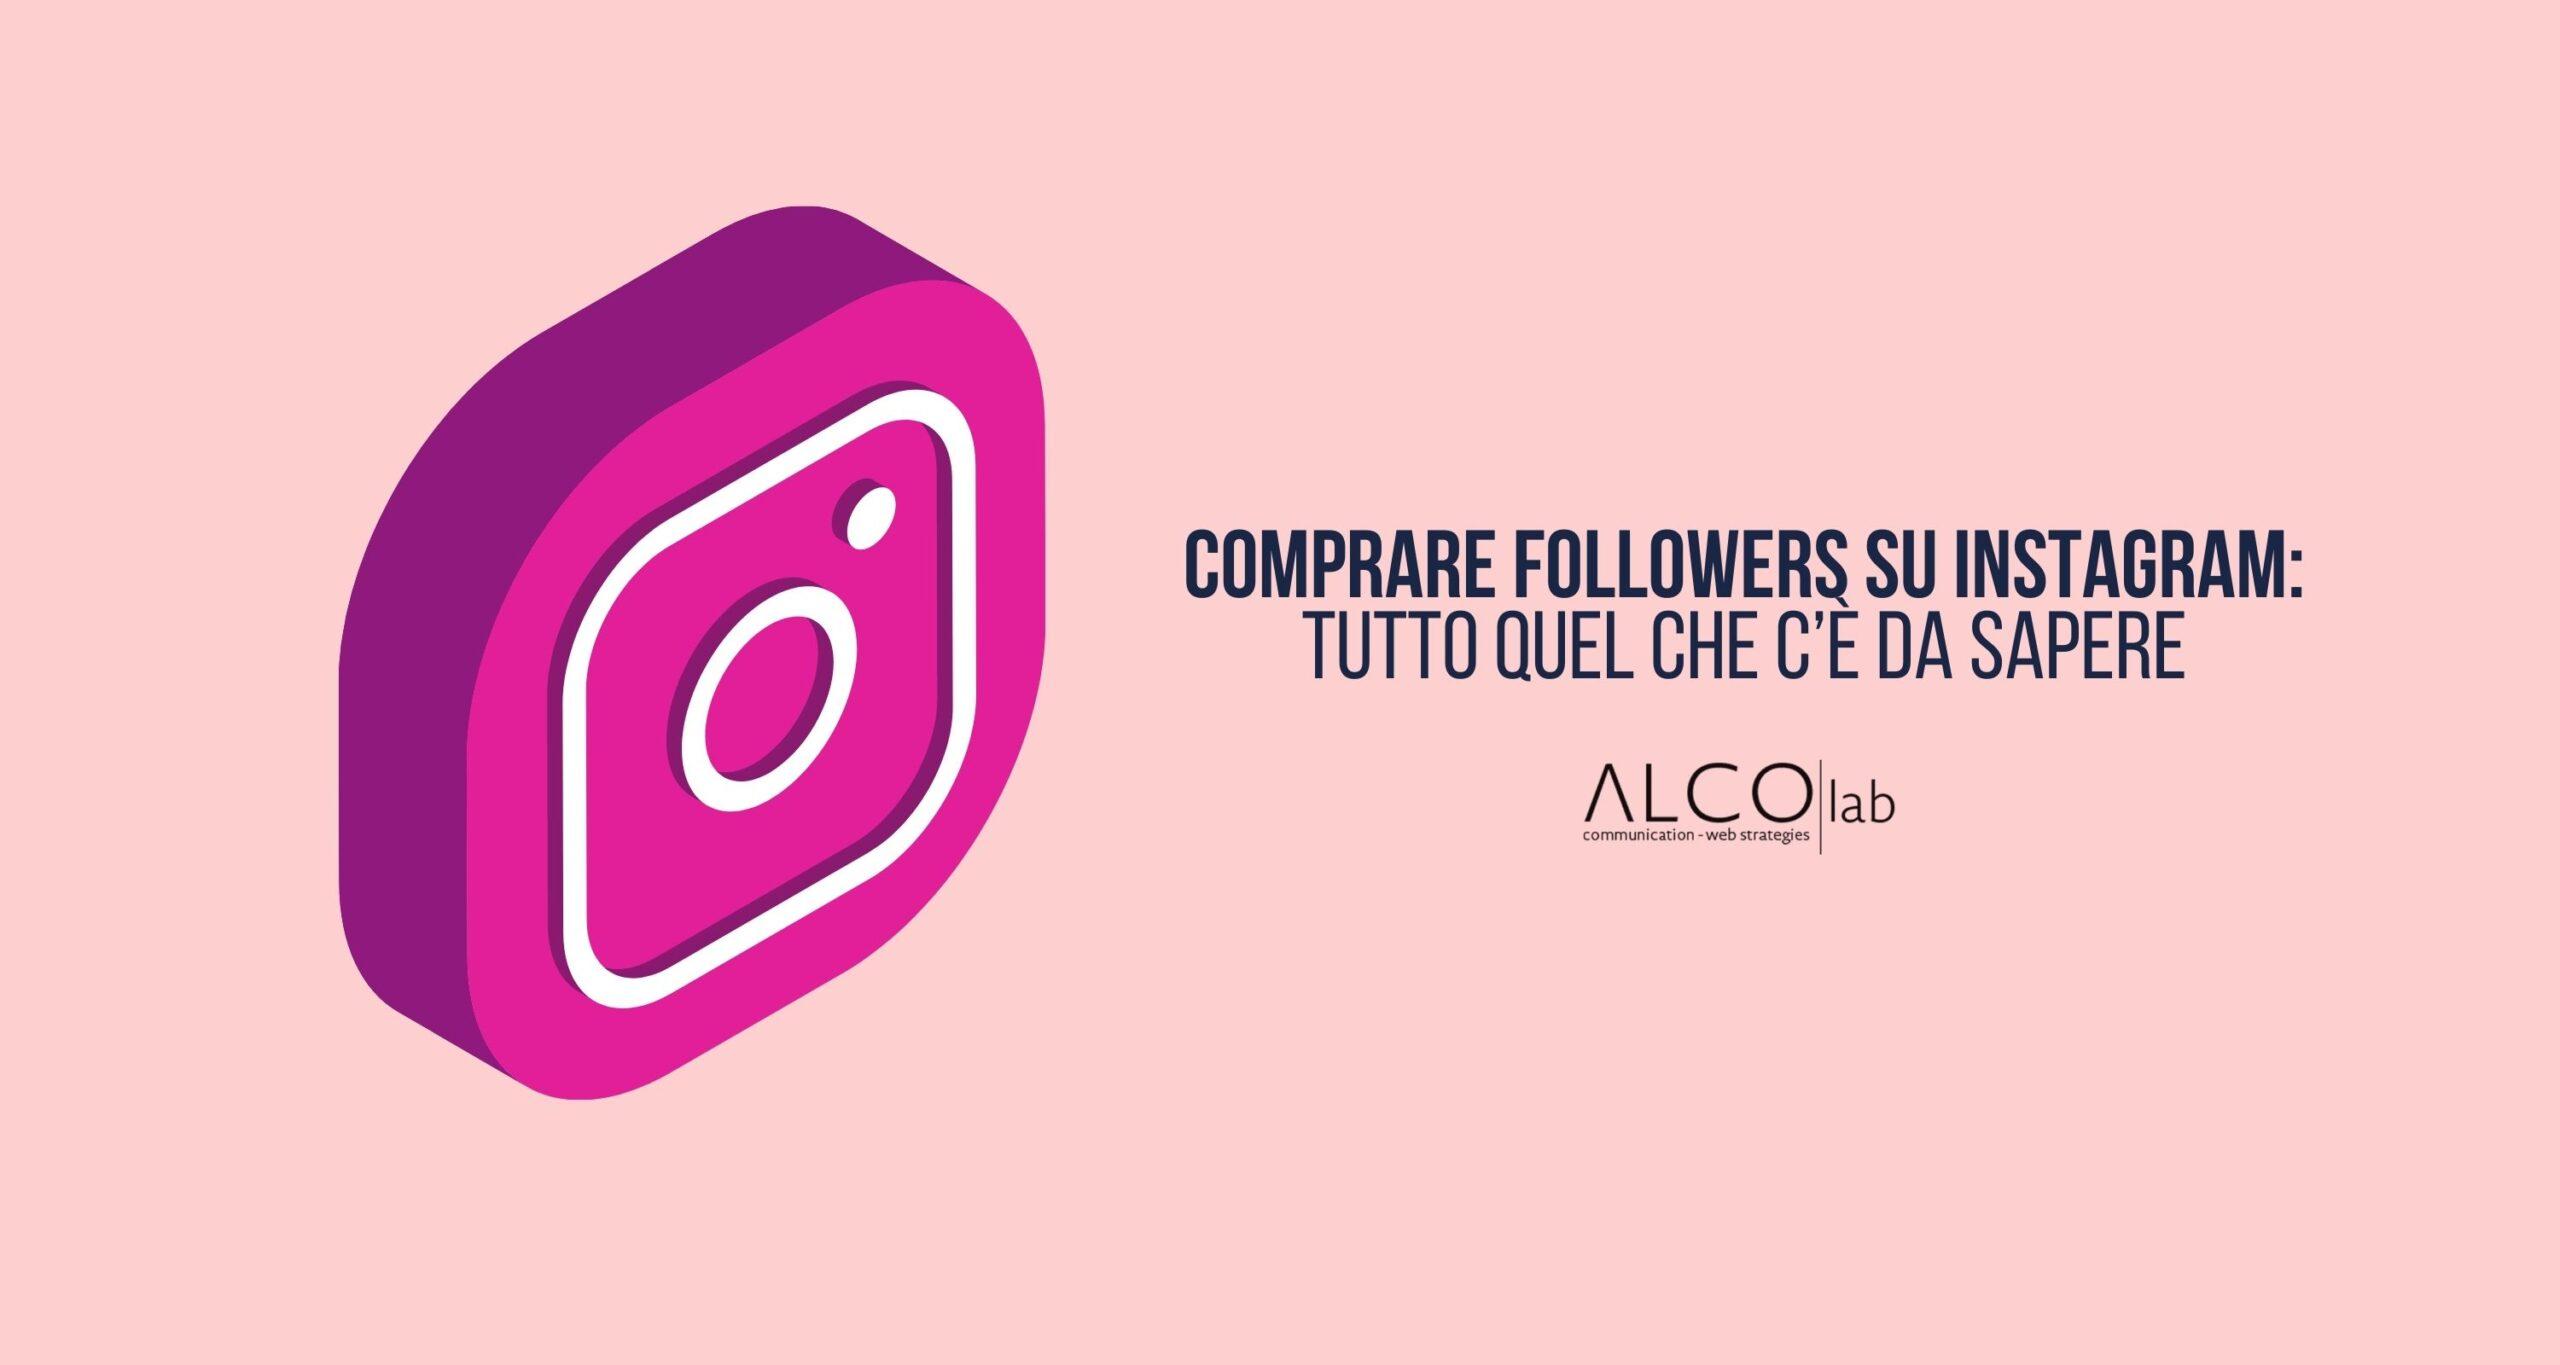 Comprare followers su Instagram